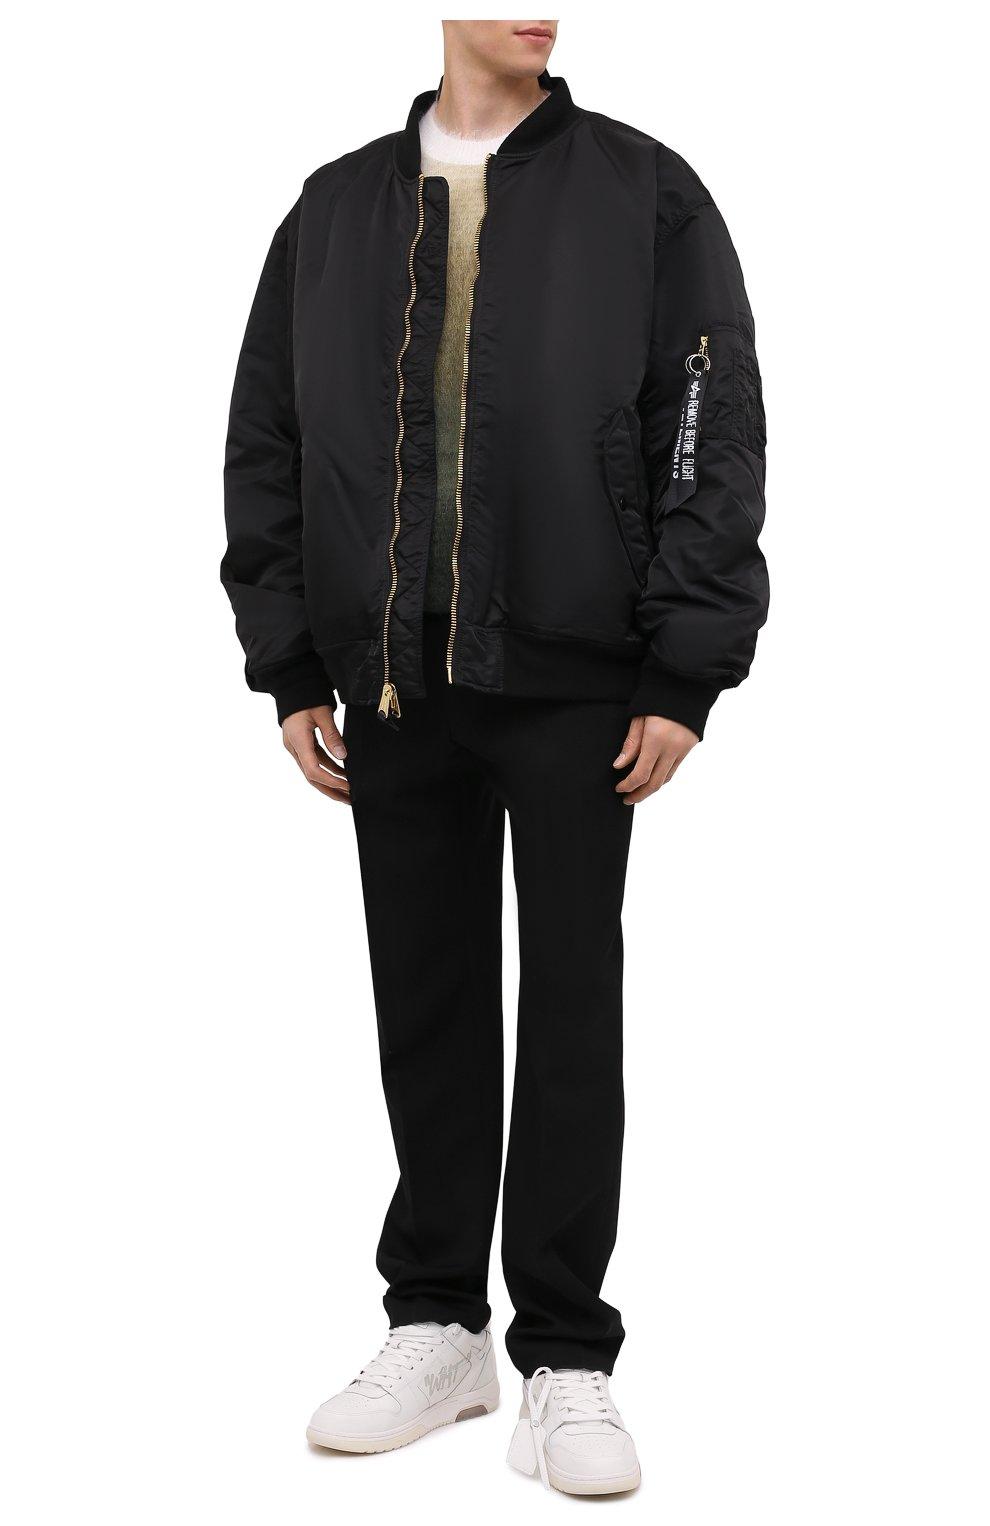 Мужской утепленный бомбер VETEMENTS черного цвета, арт. UA52JA200B 1307/M   Фото 2 (Кросс-КТ: Куртка; Рукава: Длинные; Принт: Без принта; Материал внешний: Синтетический материал; Стили: Гранж; Материал подклада: Синтетический материал; Длина (верхняя одежда): Короткие)